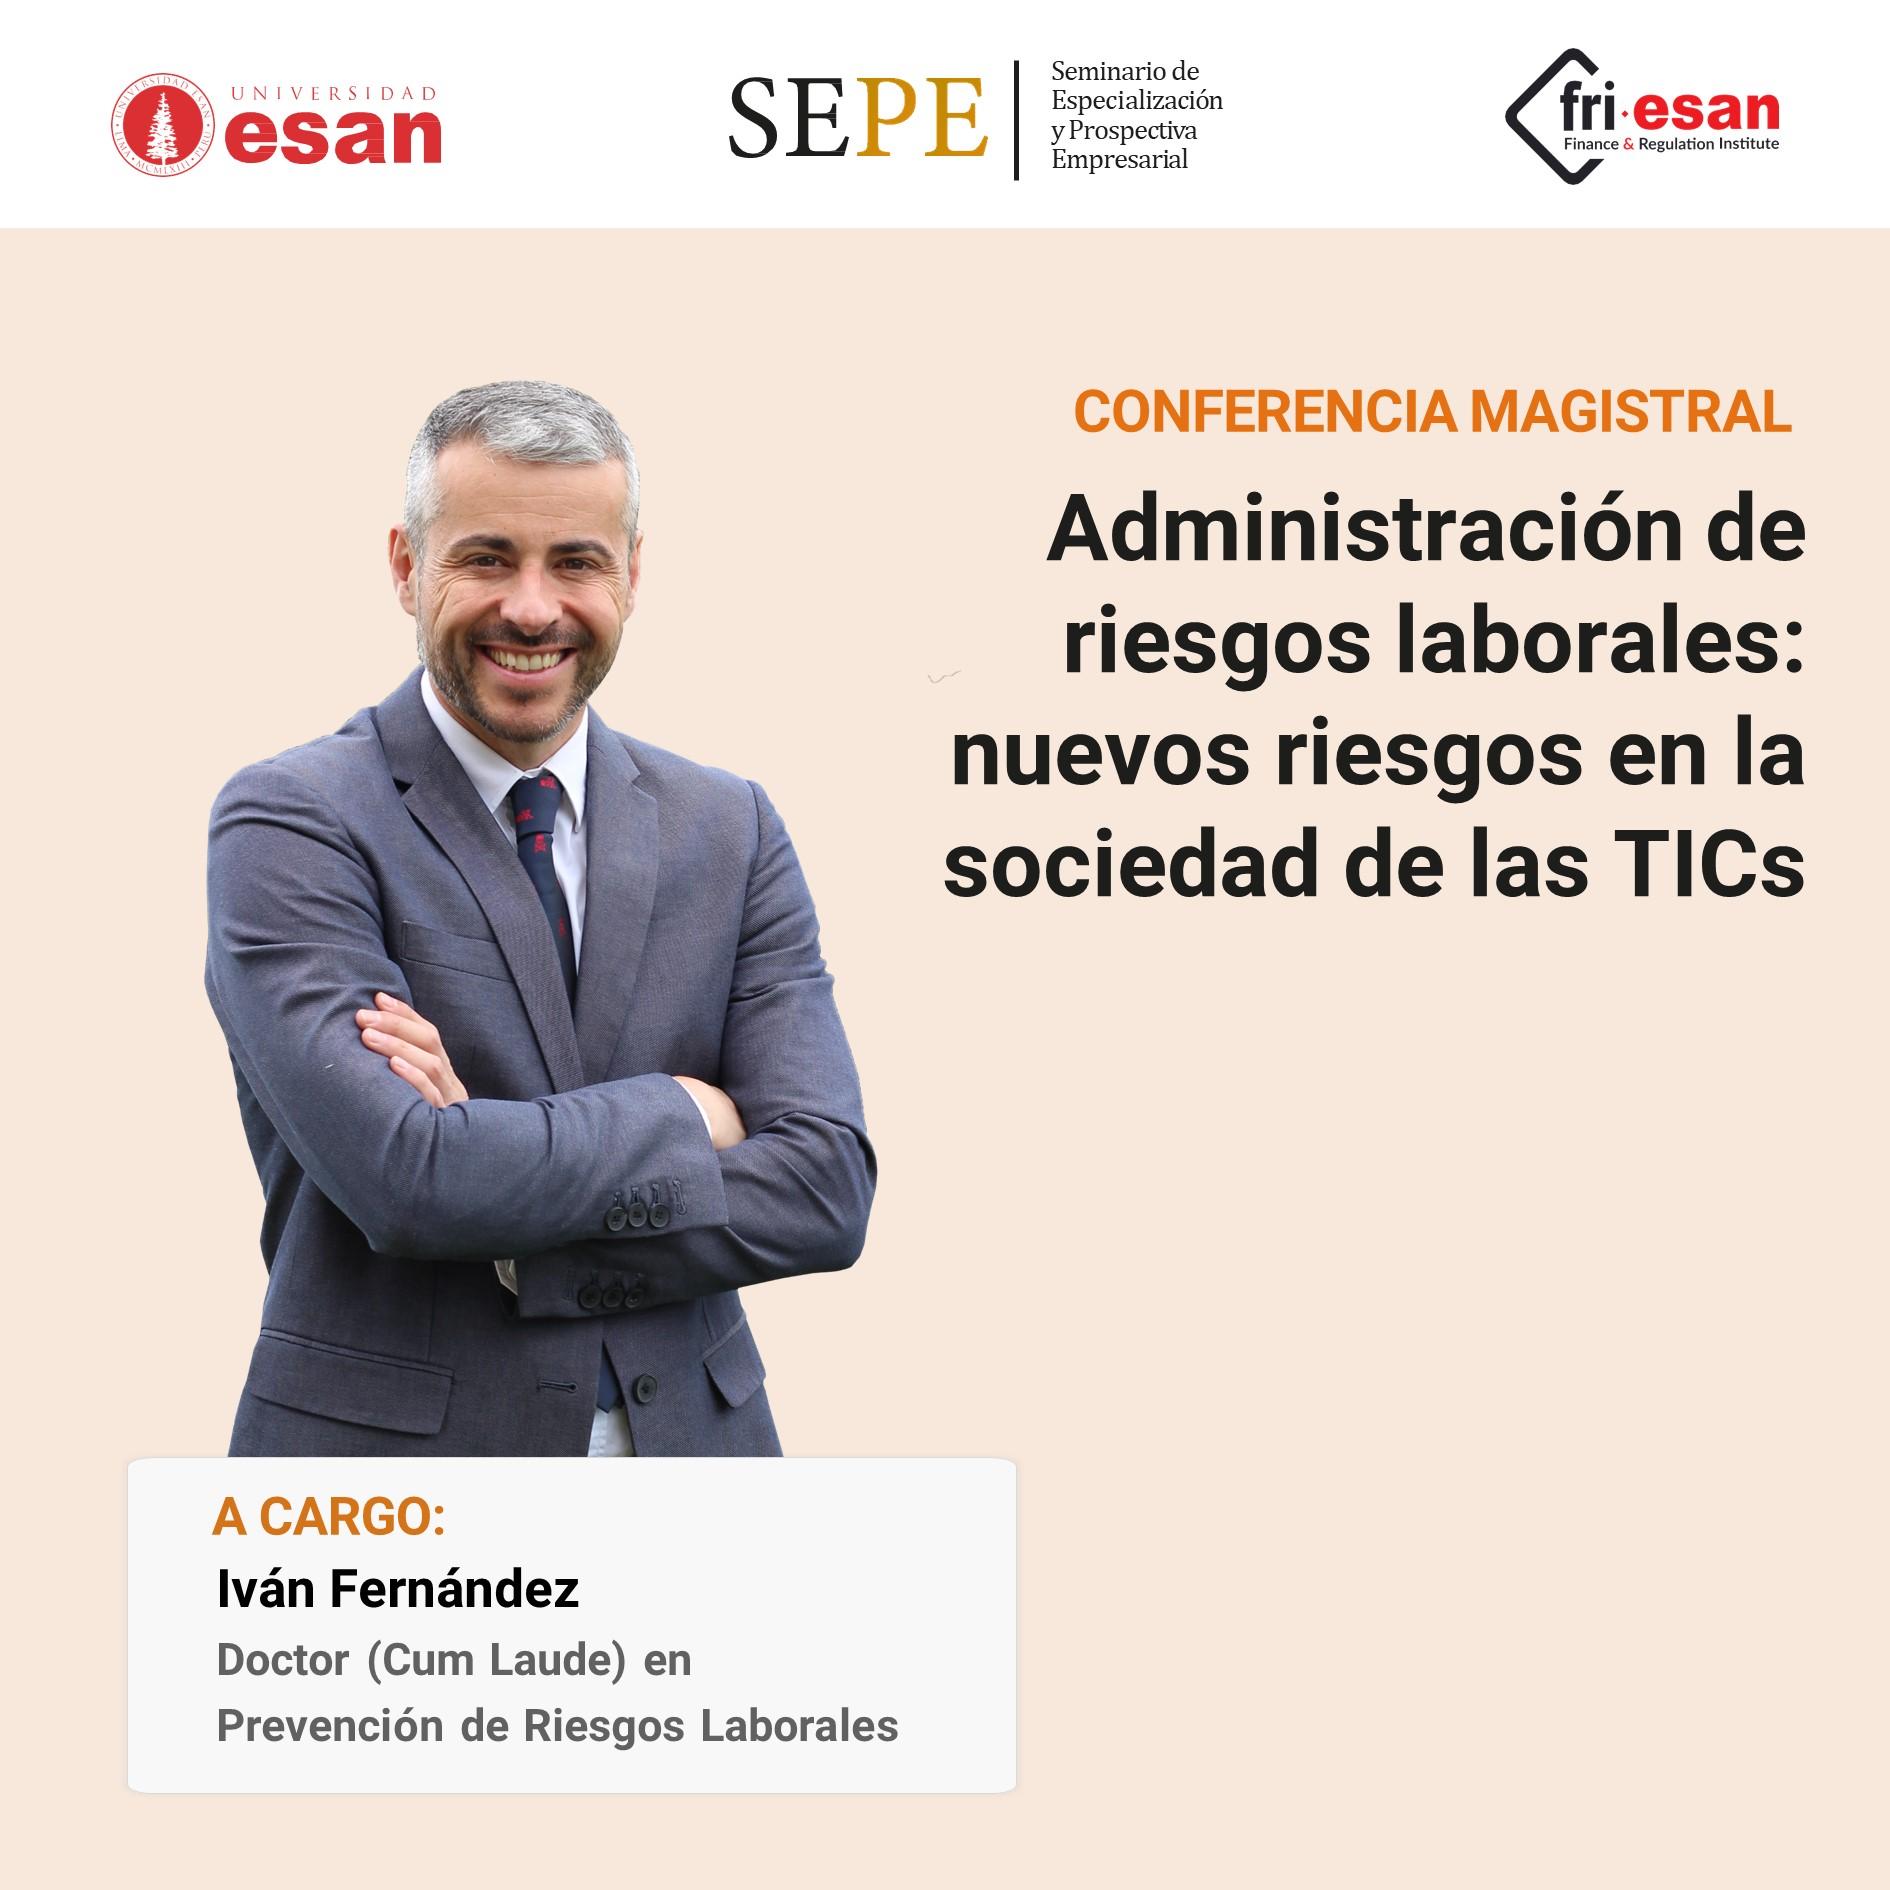 Administración de riesgos laborales, nuevos riesgos en la sociedad de las TICs